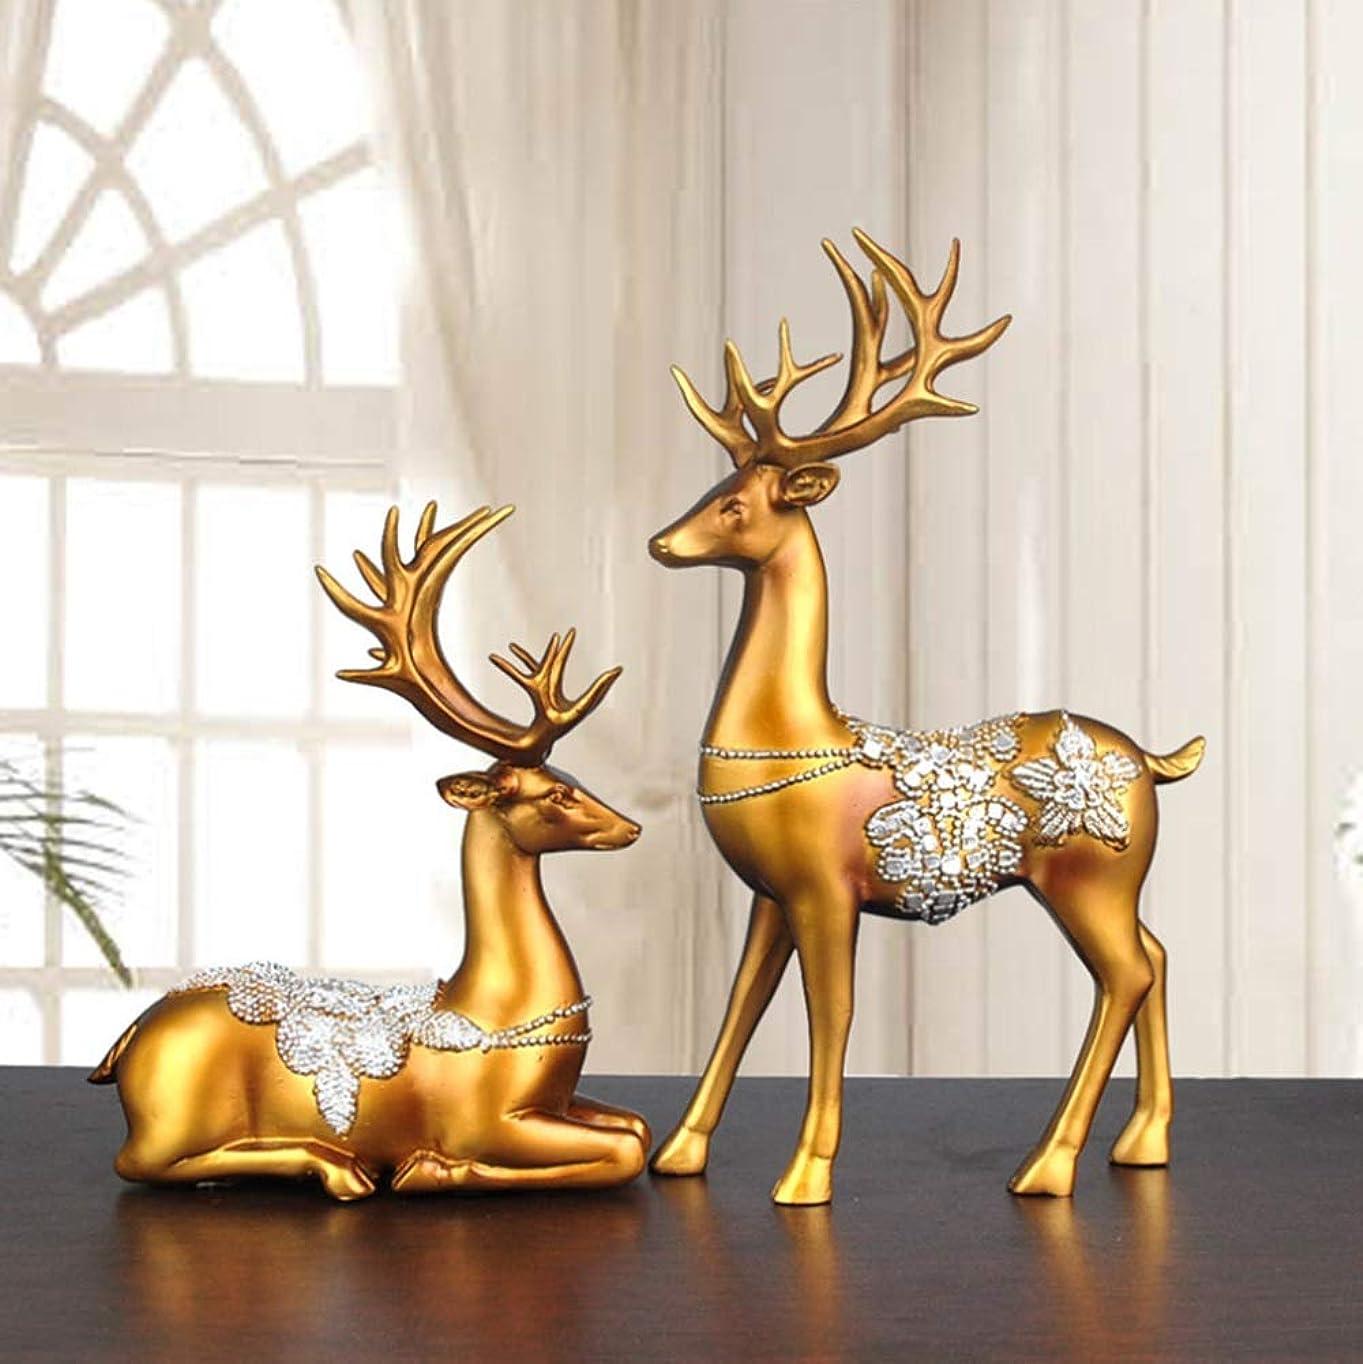 暫定の不十分運動YIJUPIN 創造的なヨーロッパのホームデコレーション/ギフトホームデコレーション/カップルのエルクの装飾 (色 : ゴールド)